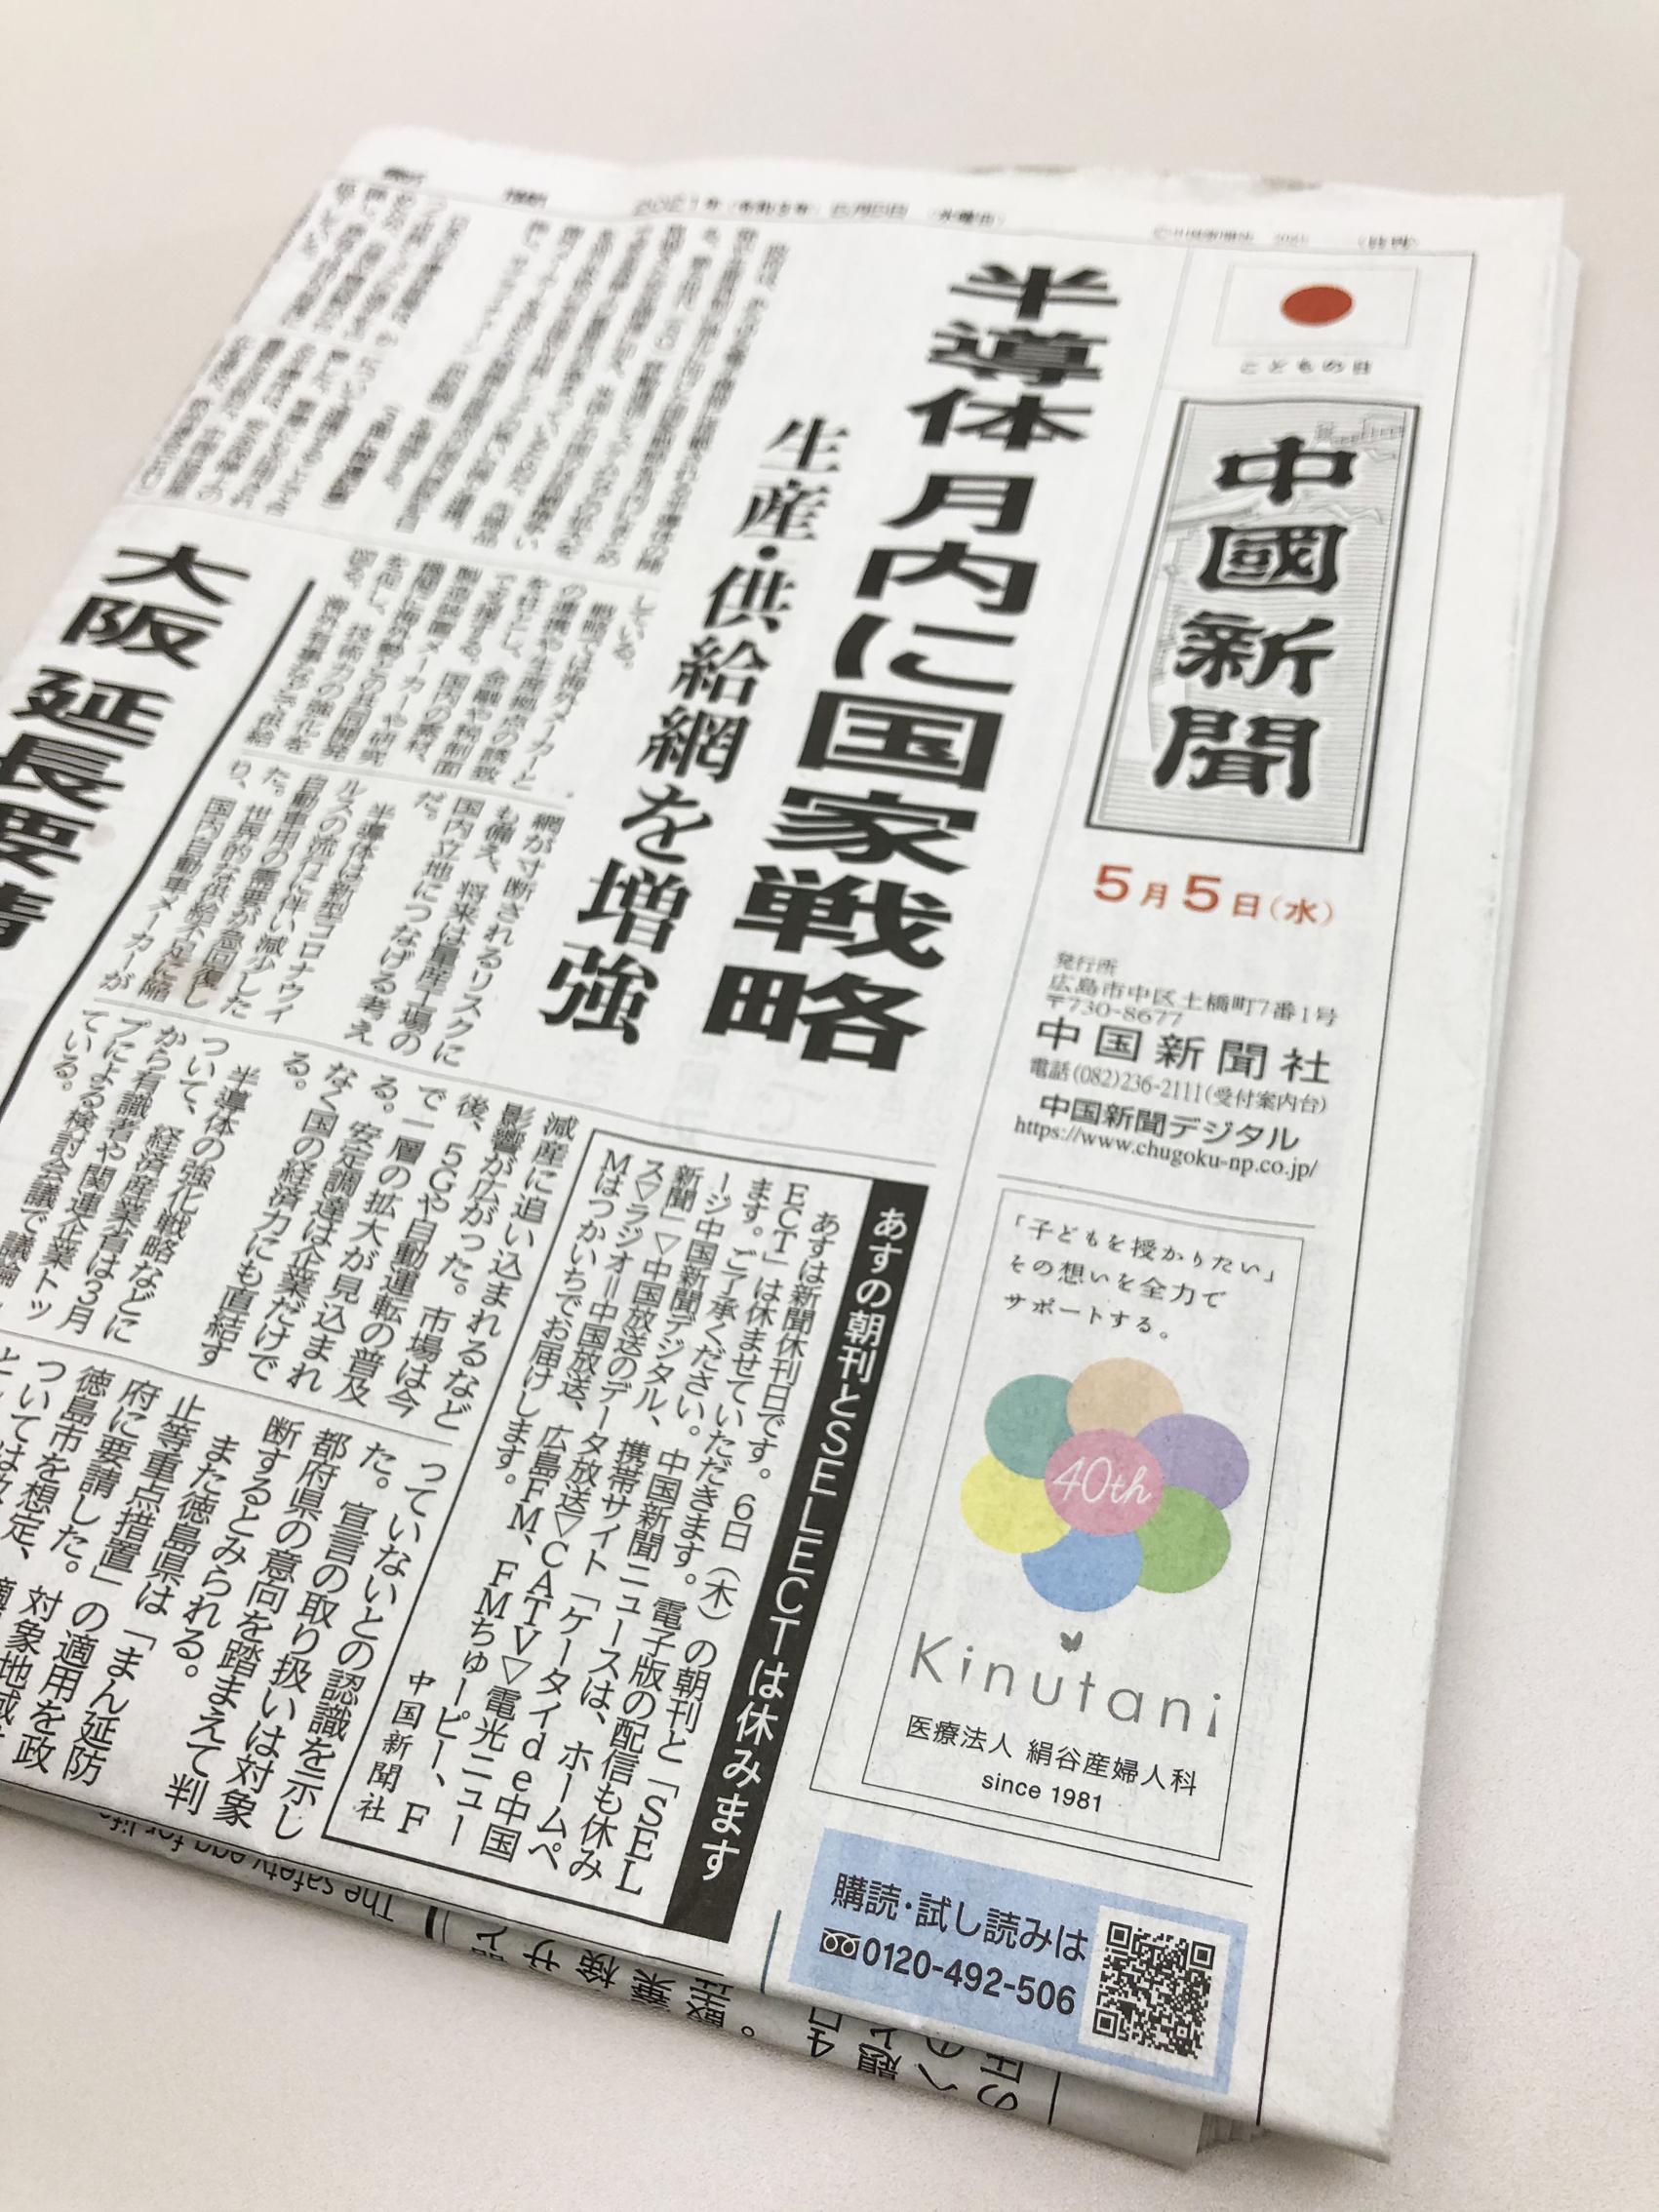 絹谷産婦人科 中国新聞題字下広告